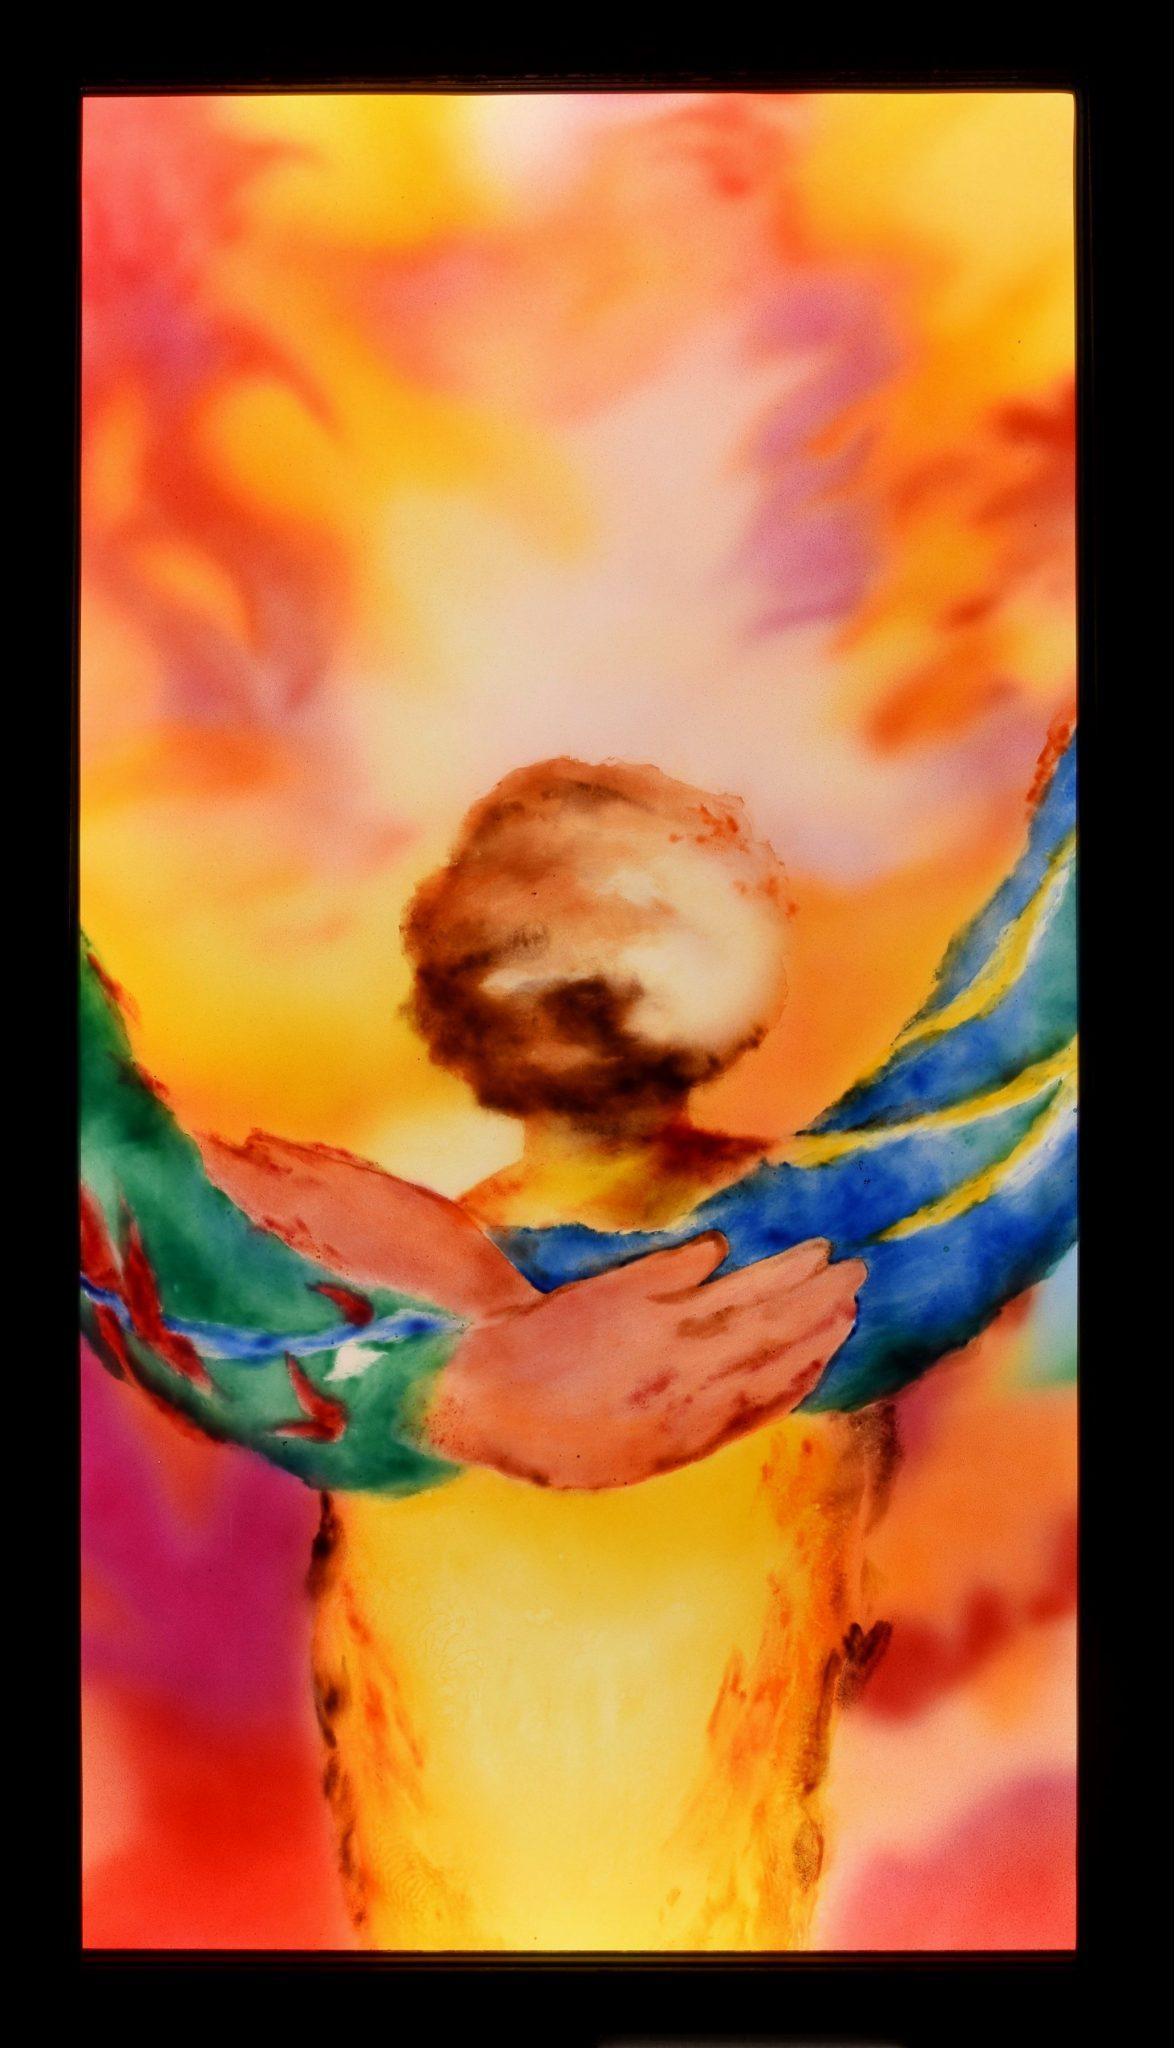 L'enfant et les mains